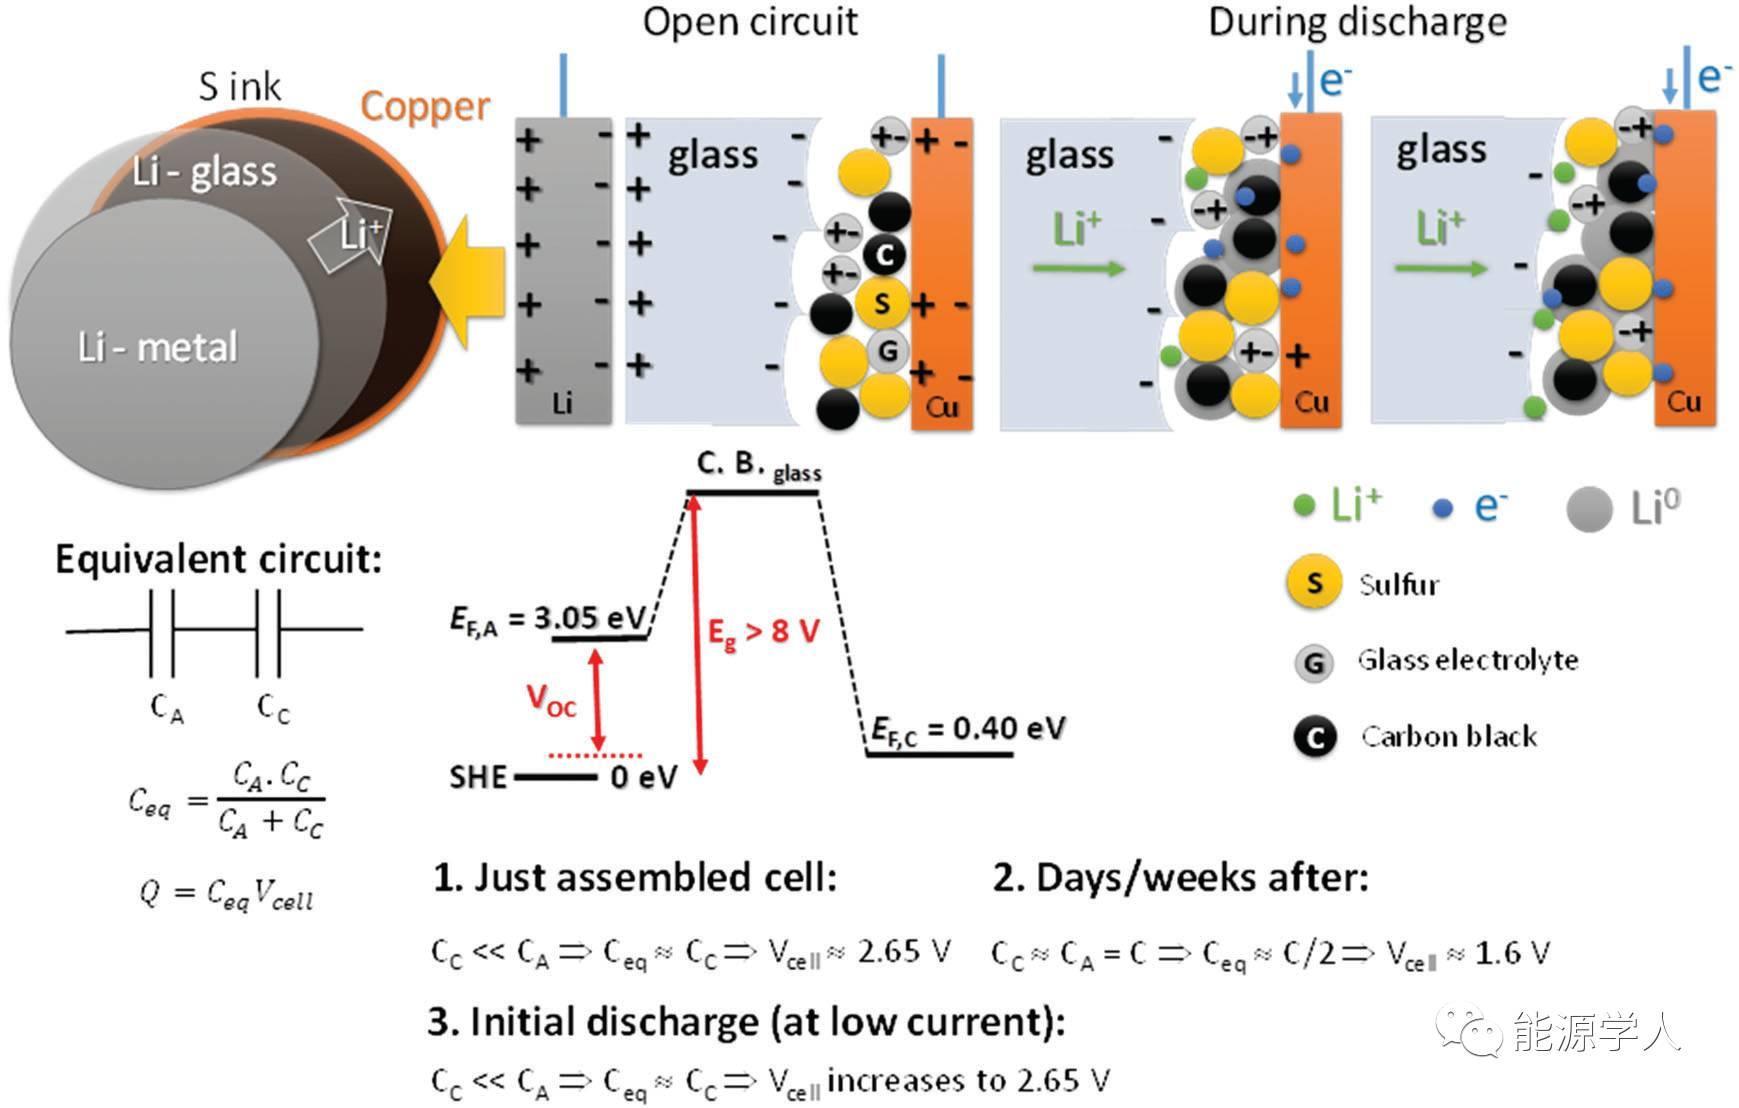 Goodenough新作|革新碱金属离子嵌入方式,从源头上抑制电池容量衰减